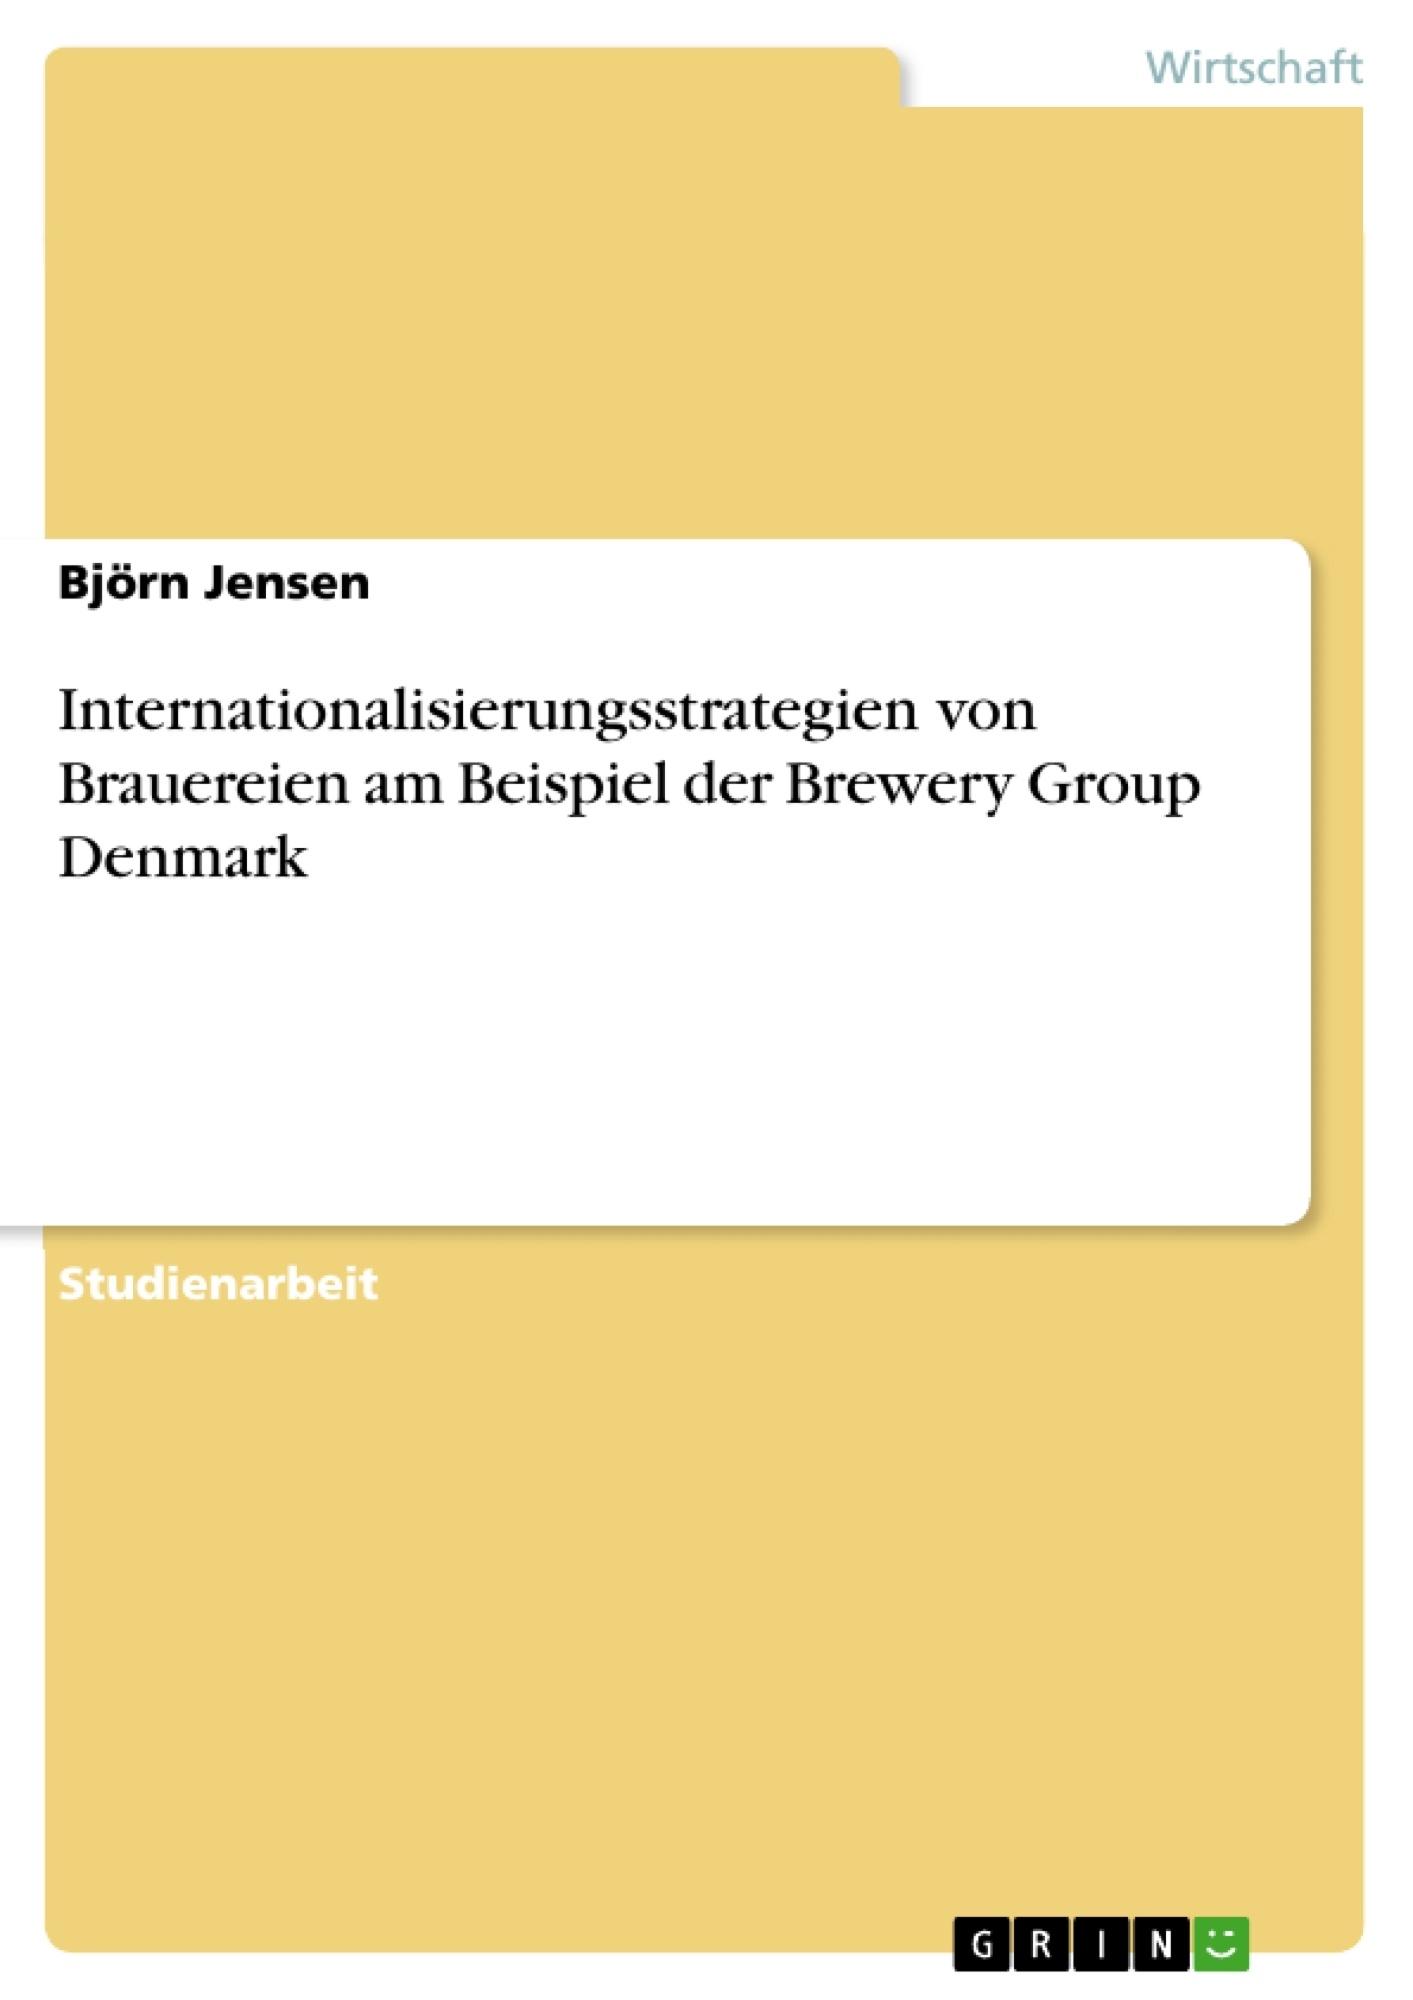 Titel: Internationalisierungsstrategien von Brauereien am Beispiel der Brewery Group Denmark